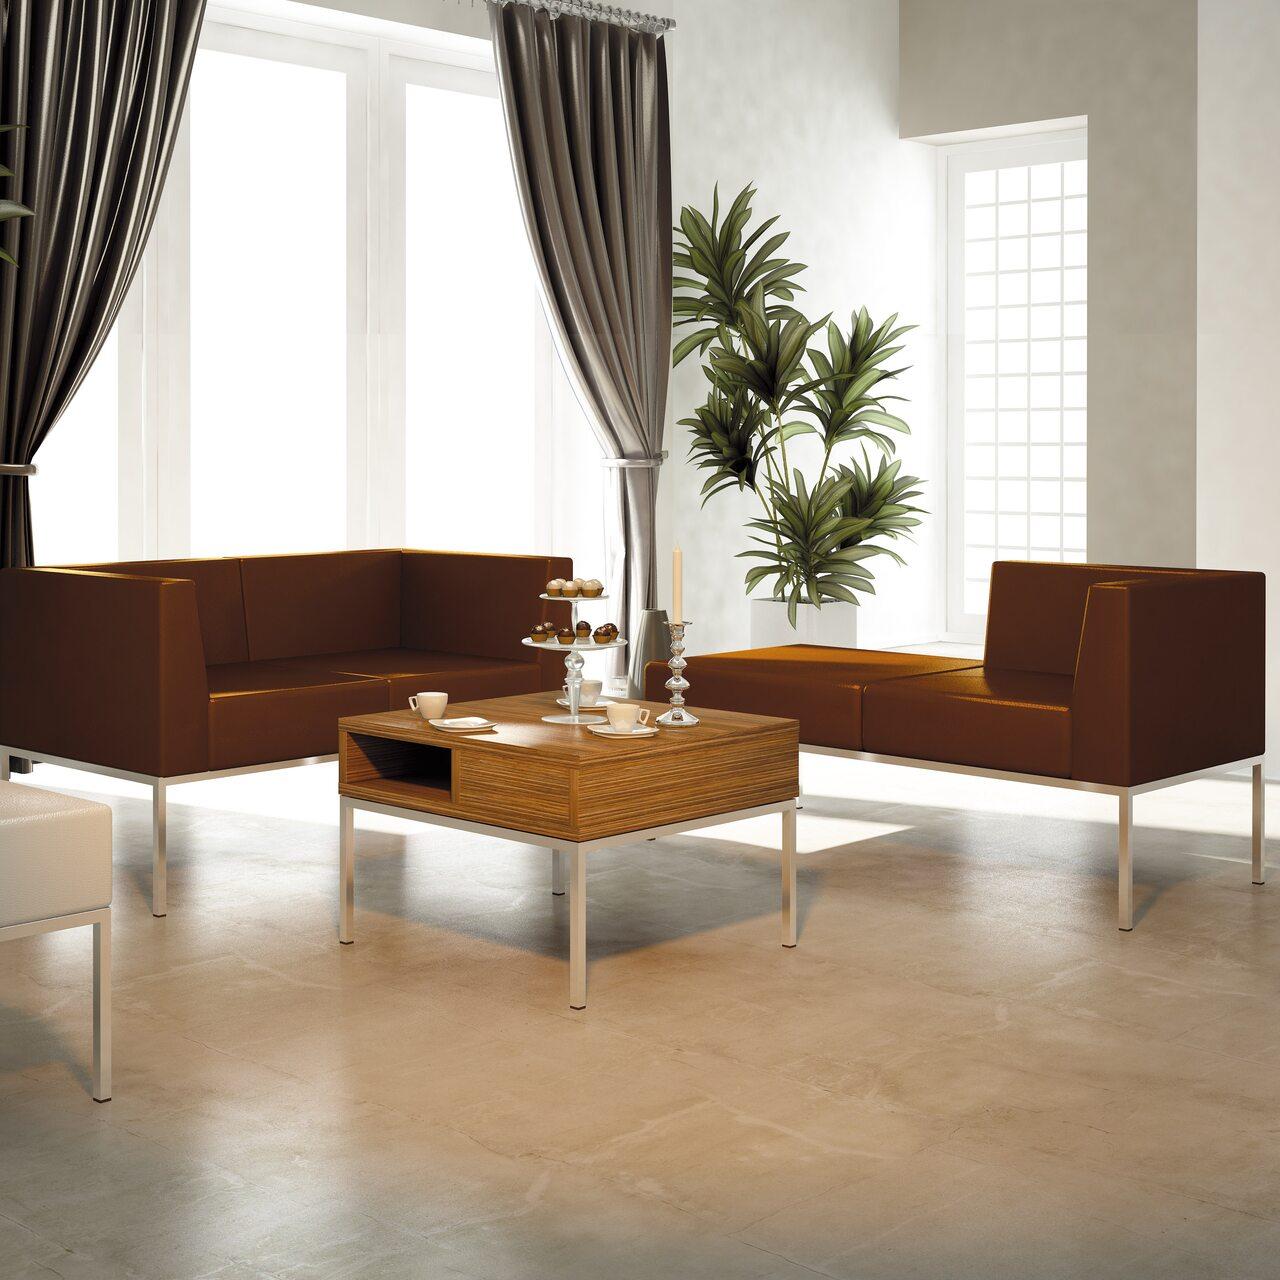 Мягкая офисная мебель М3 Open view - фото 1